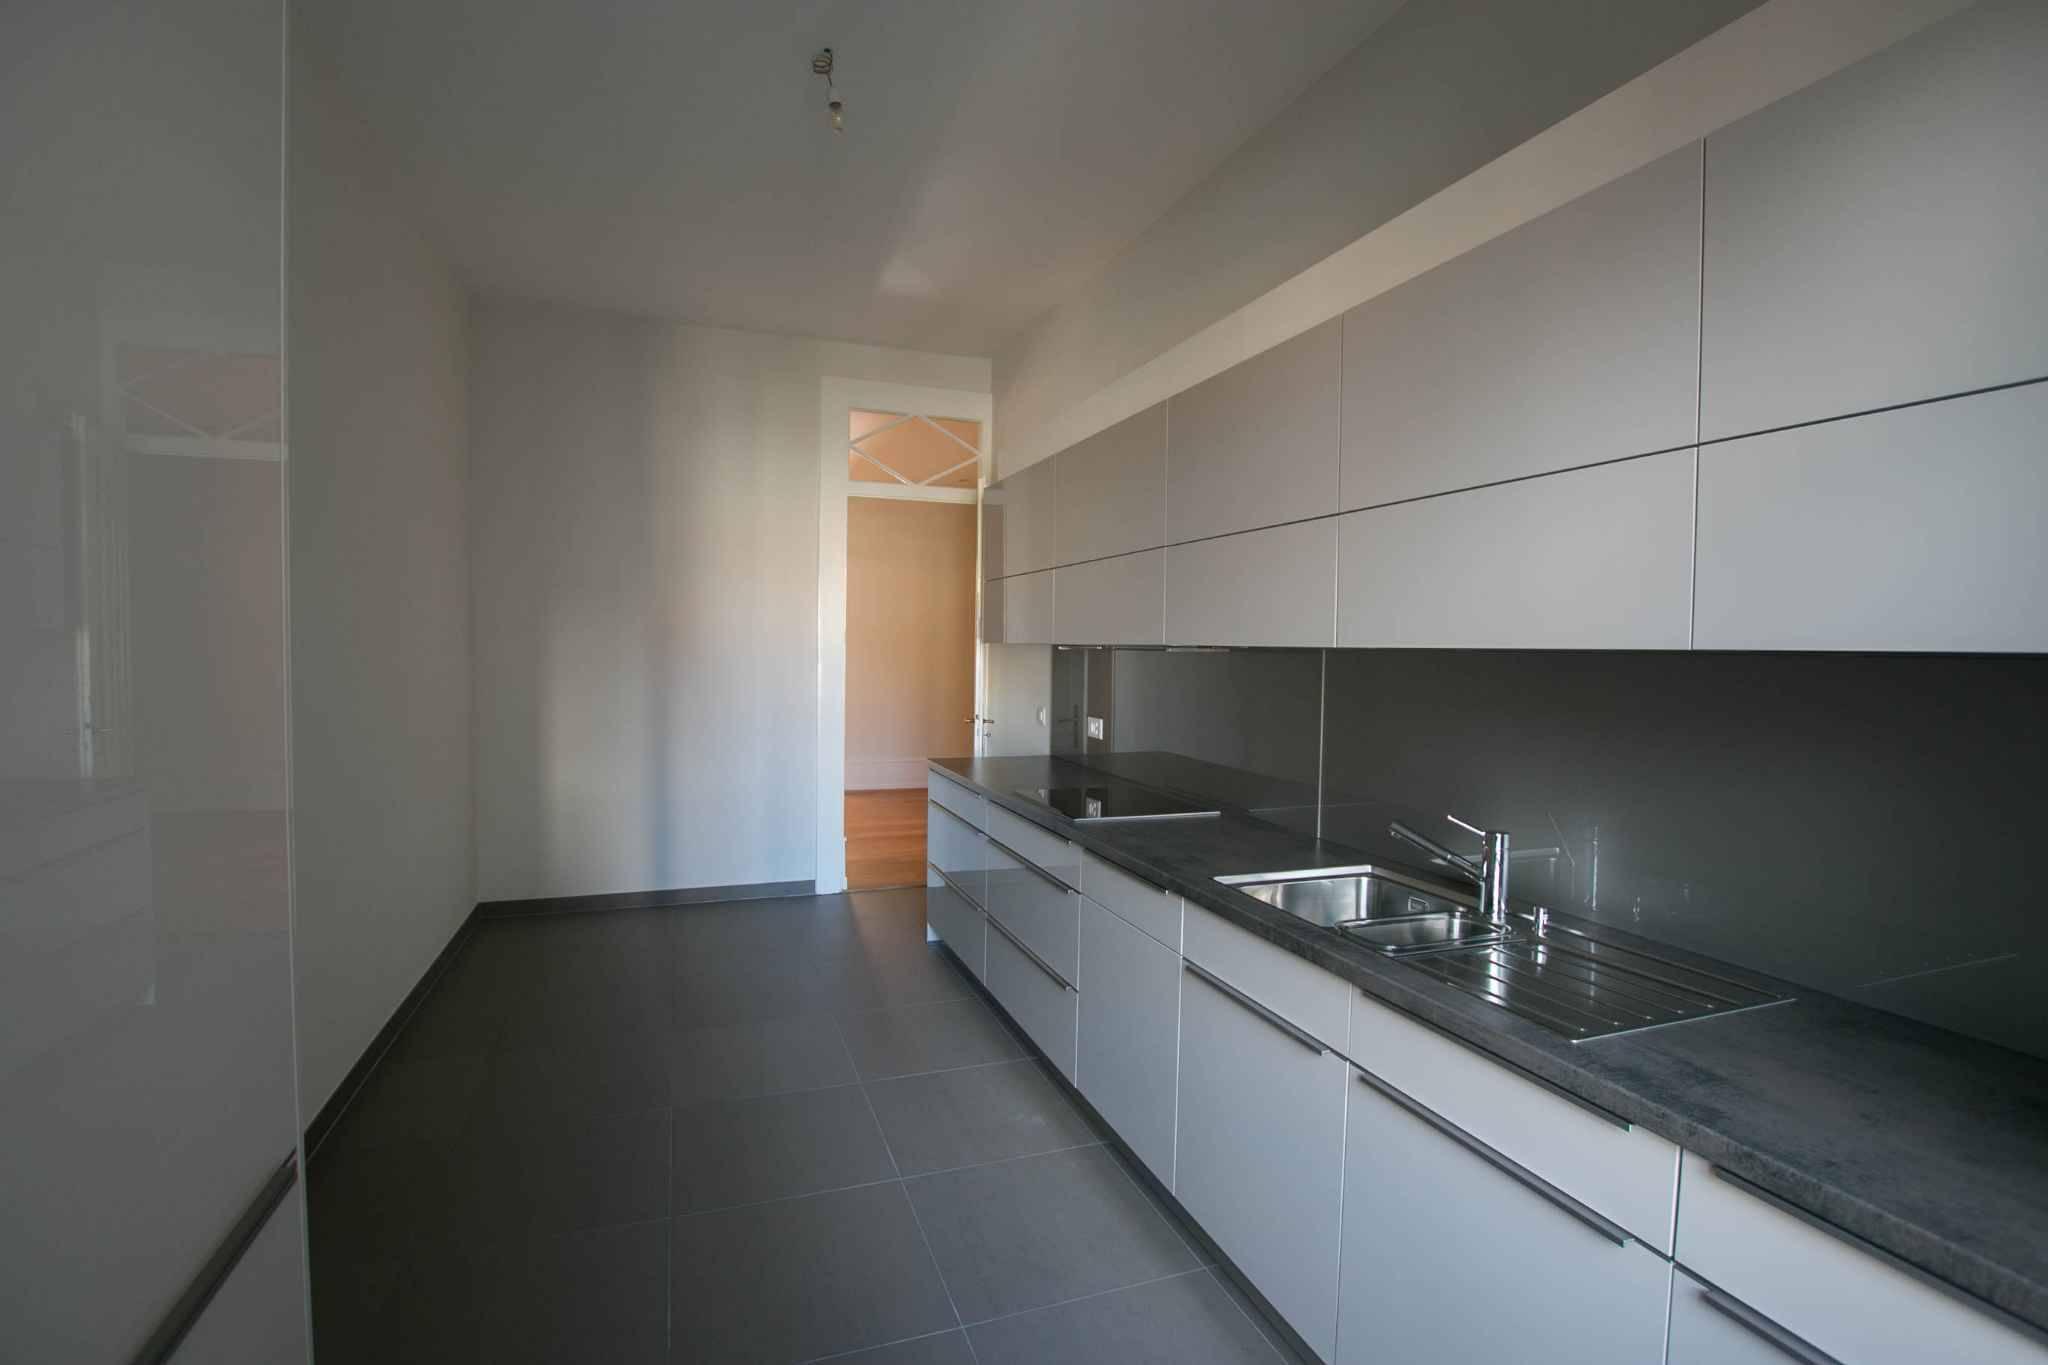 Magnifique appartement entièrement rénové